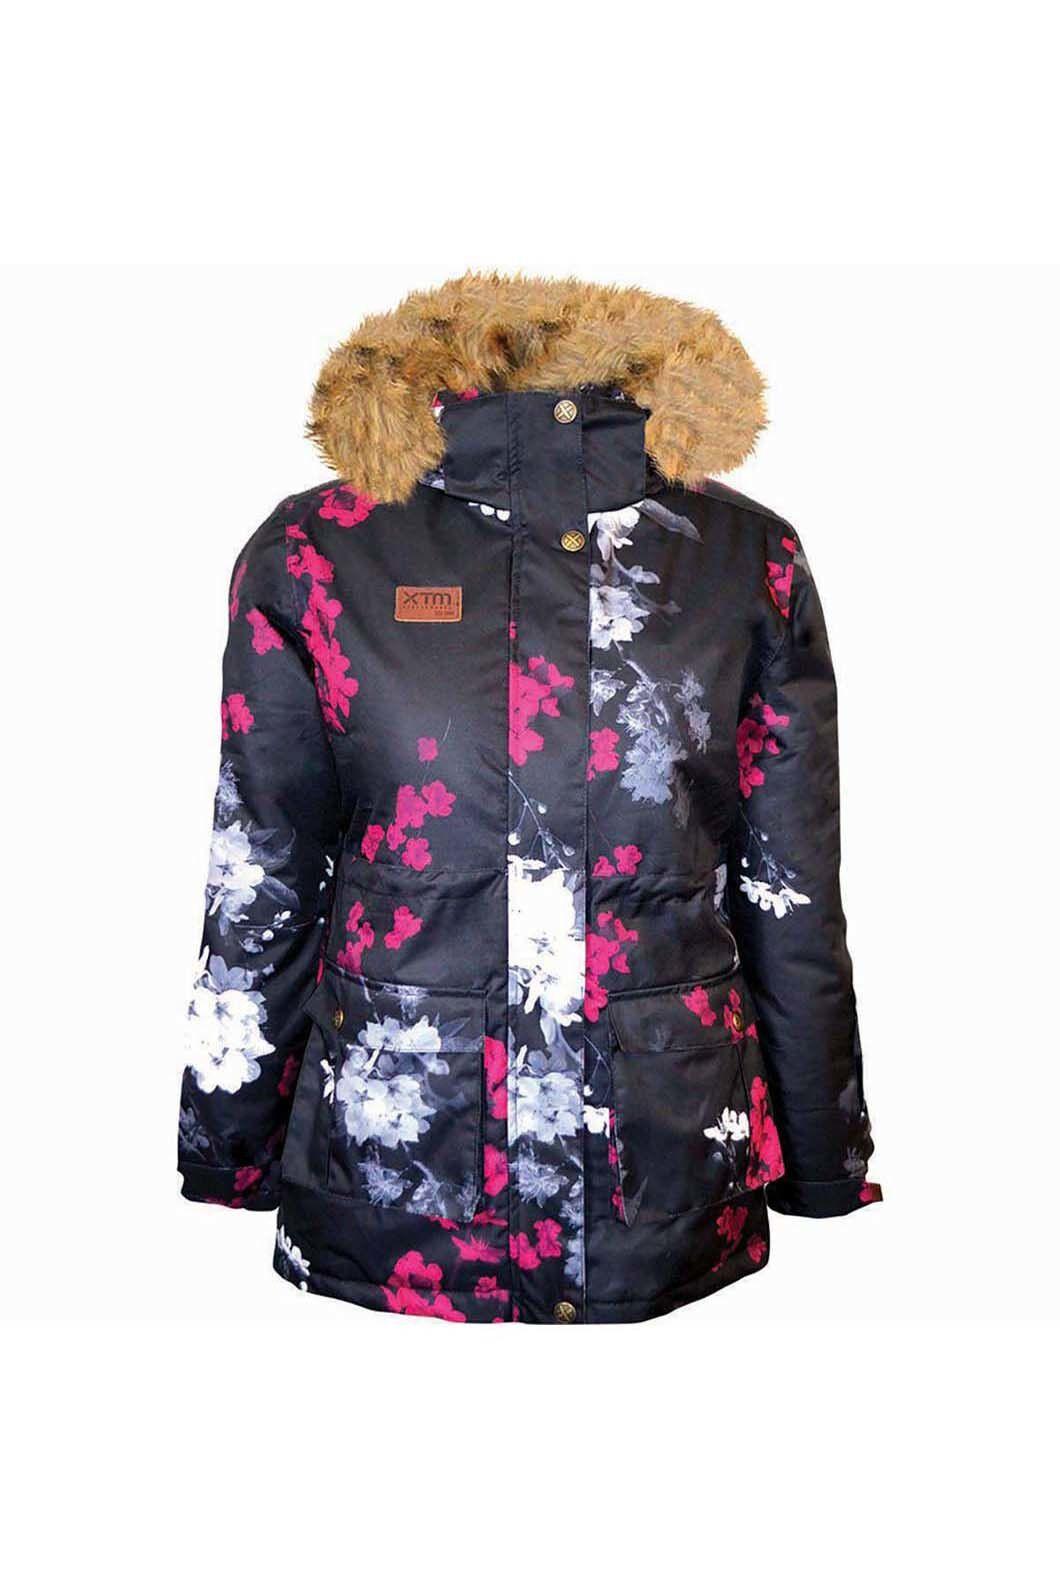 XTM Kids' Madison Jacket  Floral, Black Print, hi-res